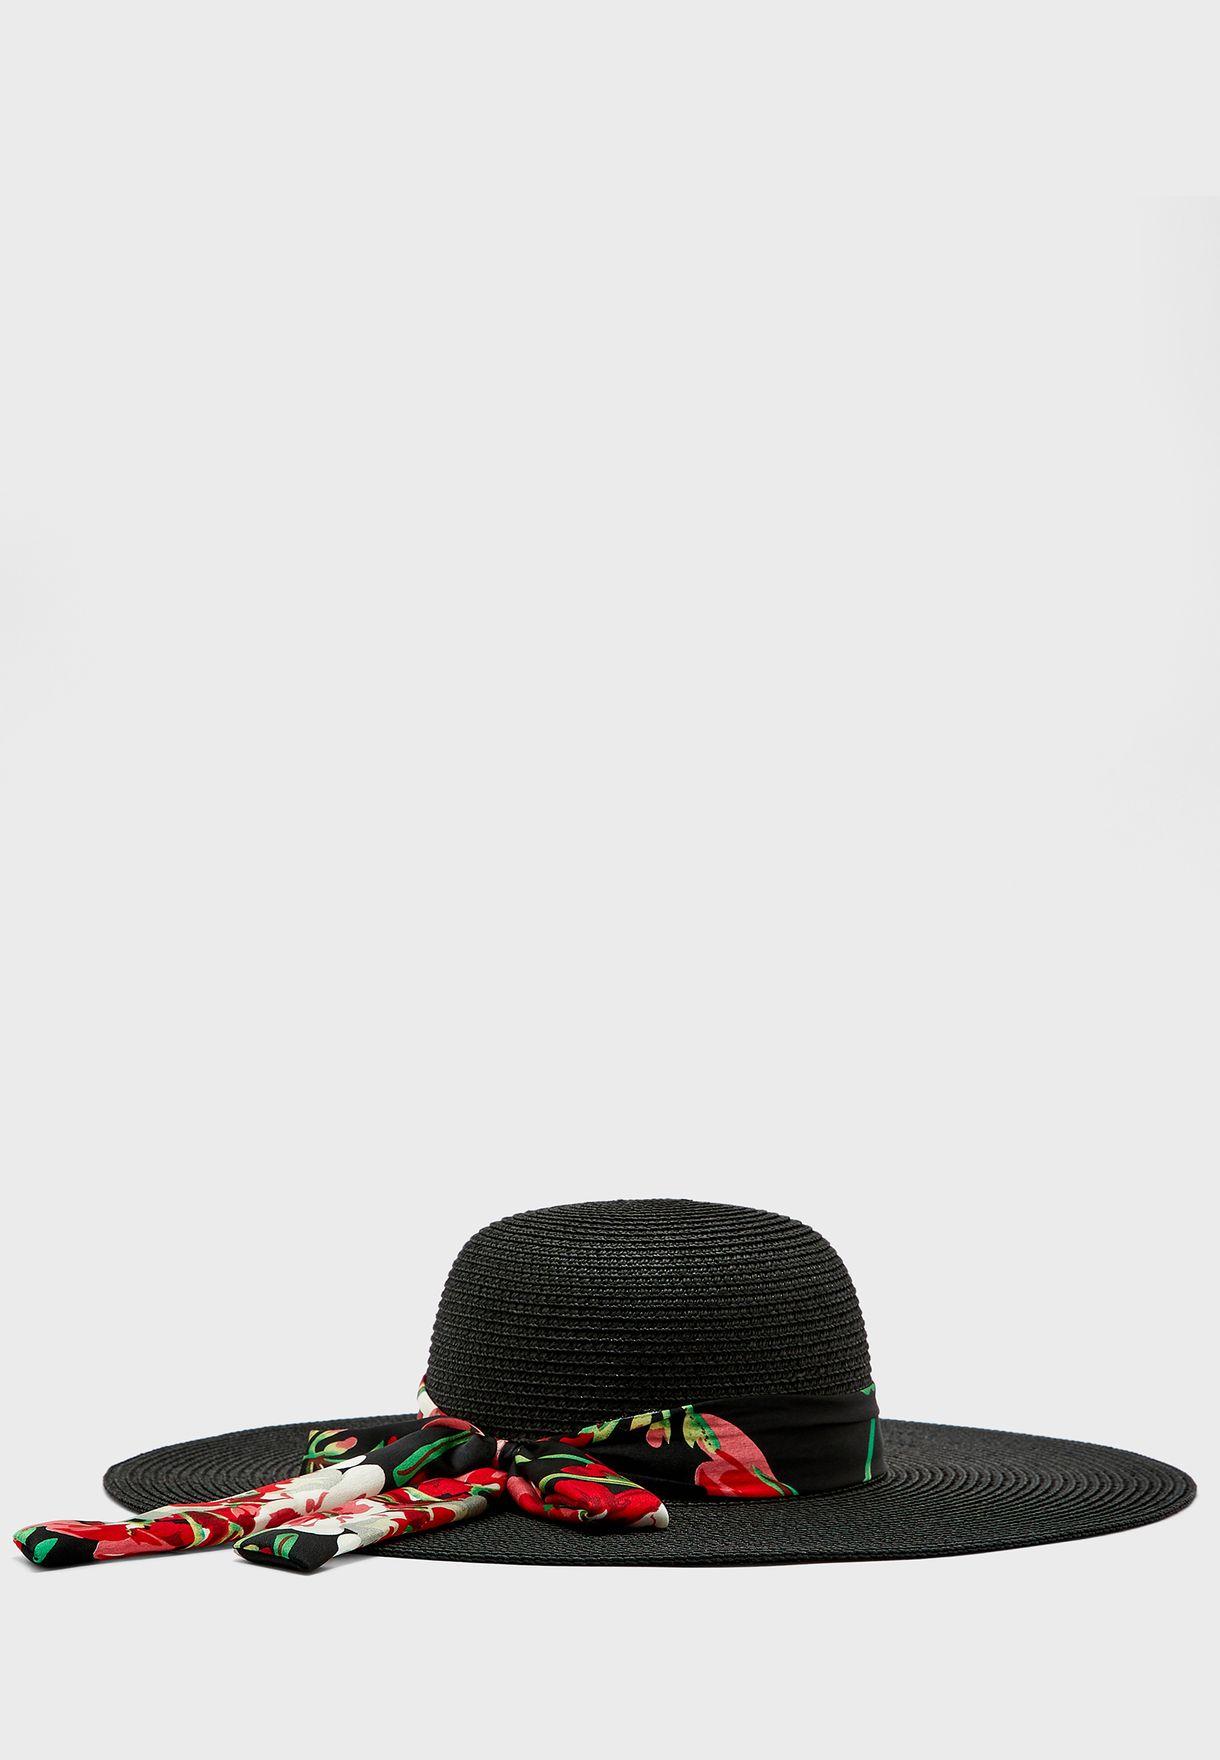 قبعة مزينة بوشاح